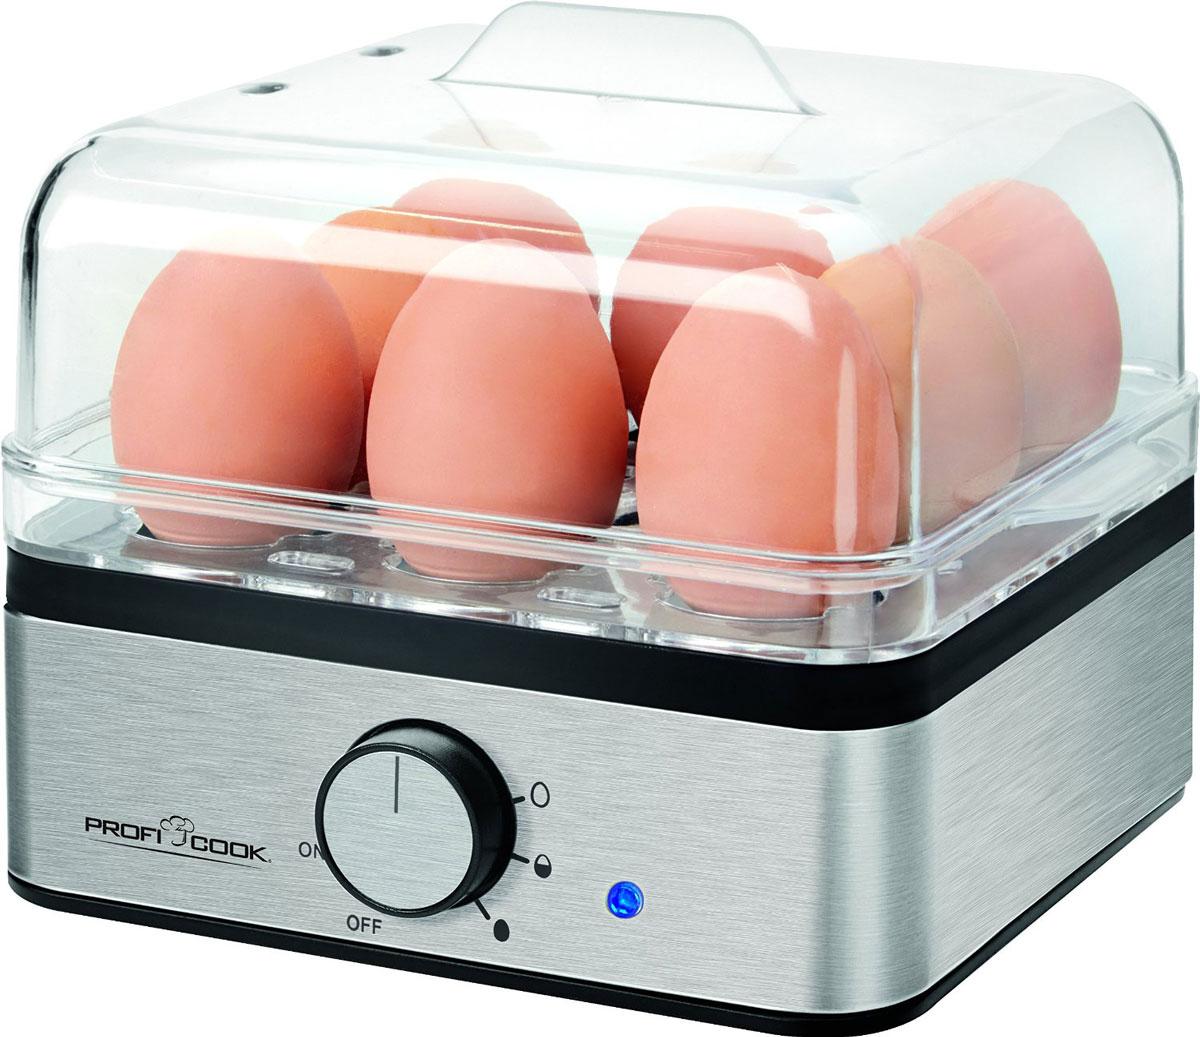 Profi Cook PC-EK 1084 яйцеваркаPC-EK 1084C помощью яйцеварки Profi Cook PC-EK 1084 яйца готовятся на пару, при этом используется минимальное количество воды. Каждое яйцо помещается в свое гнездышко, поэтому яйца не соприкасаются друг с другом, а значит, не трескаются и не вытекают. Приготовление яиц всмятку, в мешочек, в крутую 2 формы для готовки яиц без скорлупы Прозрачный лоток / подставка для яиц Прозрачная крышка Стаканчик для воды с иглой для прокалывания яиц Нагревательный элемент из нержавеющей стали